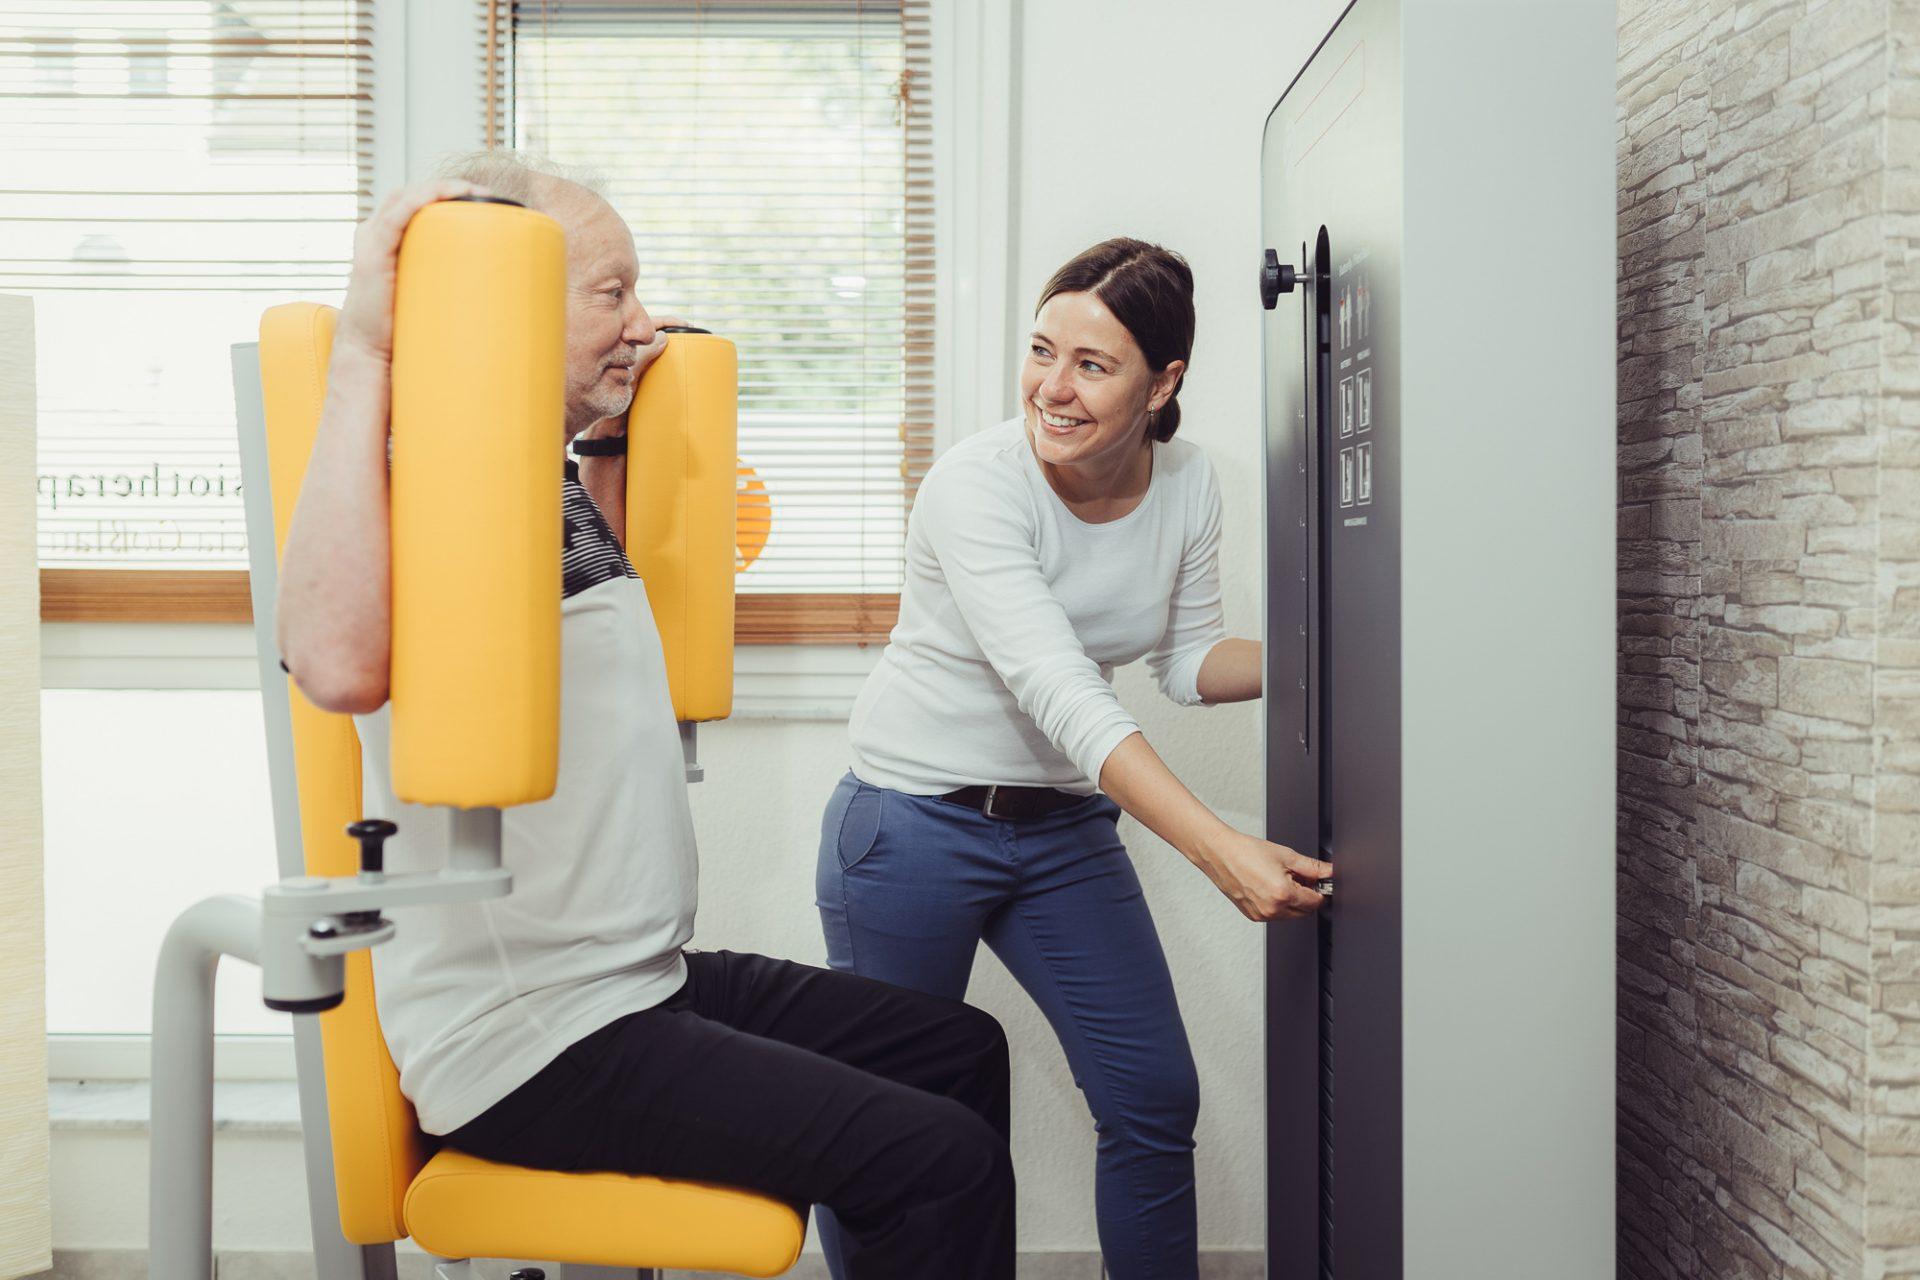 Fotos für eine Physiotherapiepraxis ©Offenblende / Joshua JAH